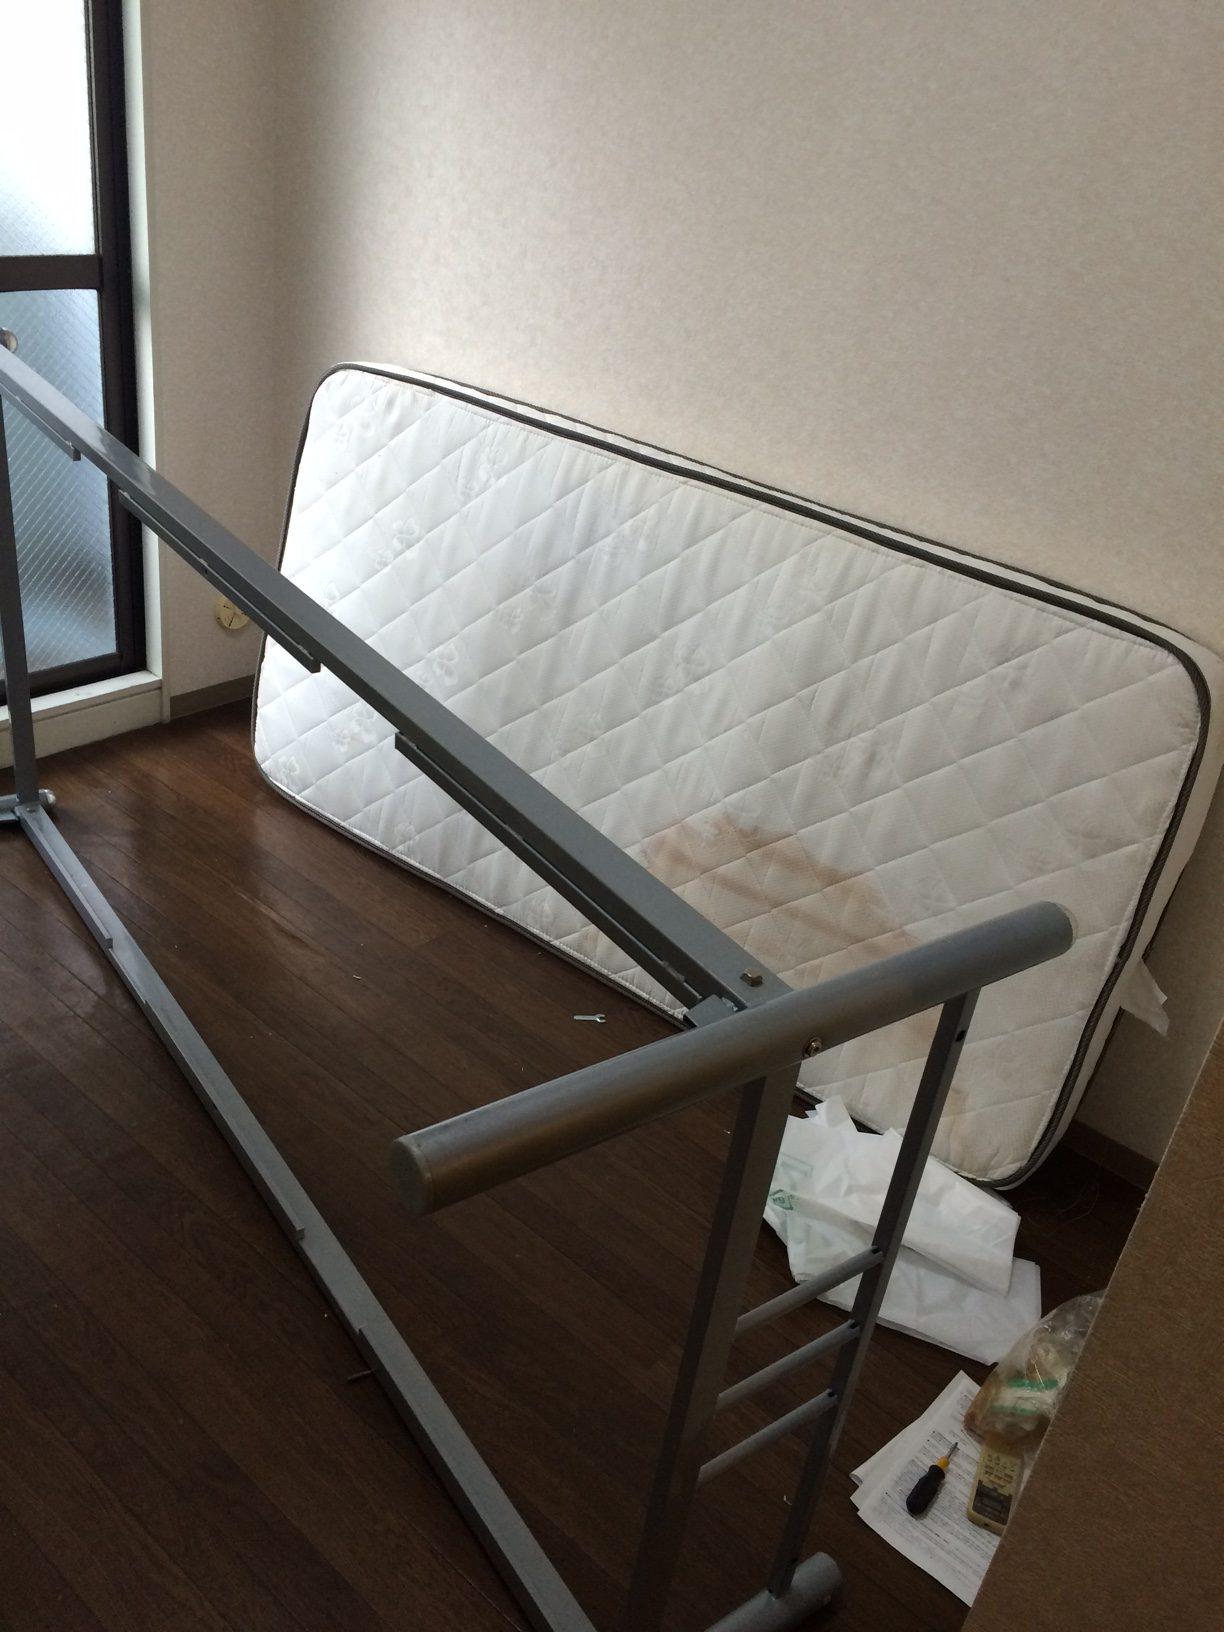 練馬区 ベッド 解体処分 | 東京・千葉・埼玉・神奈川の不用品回収・買取